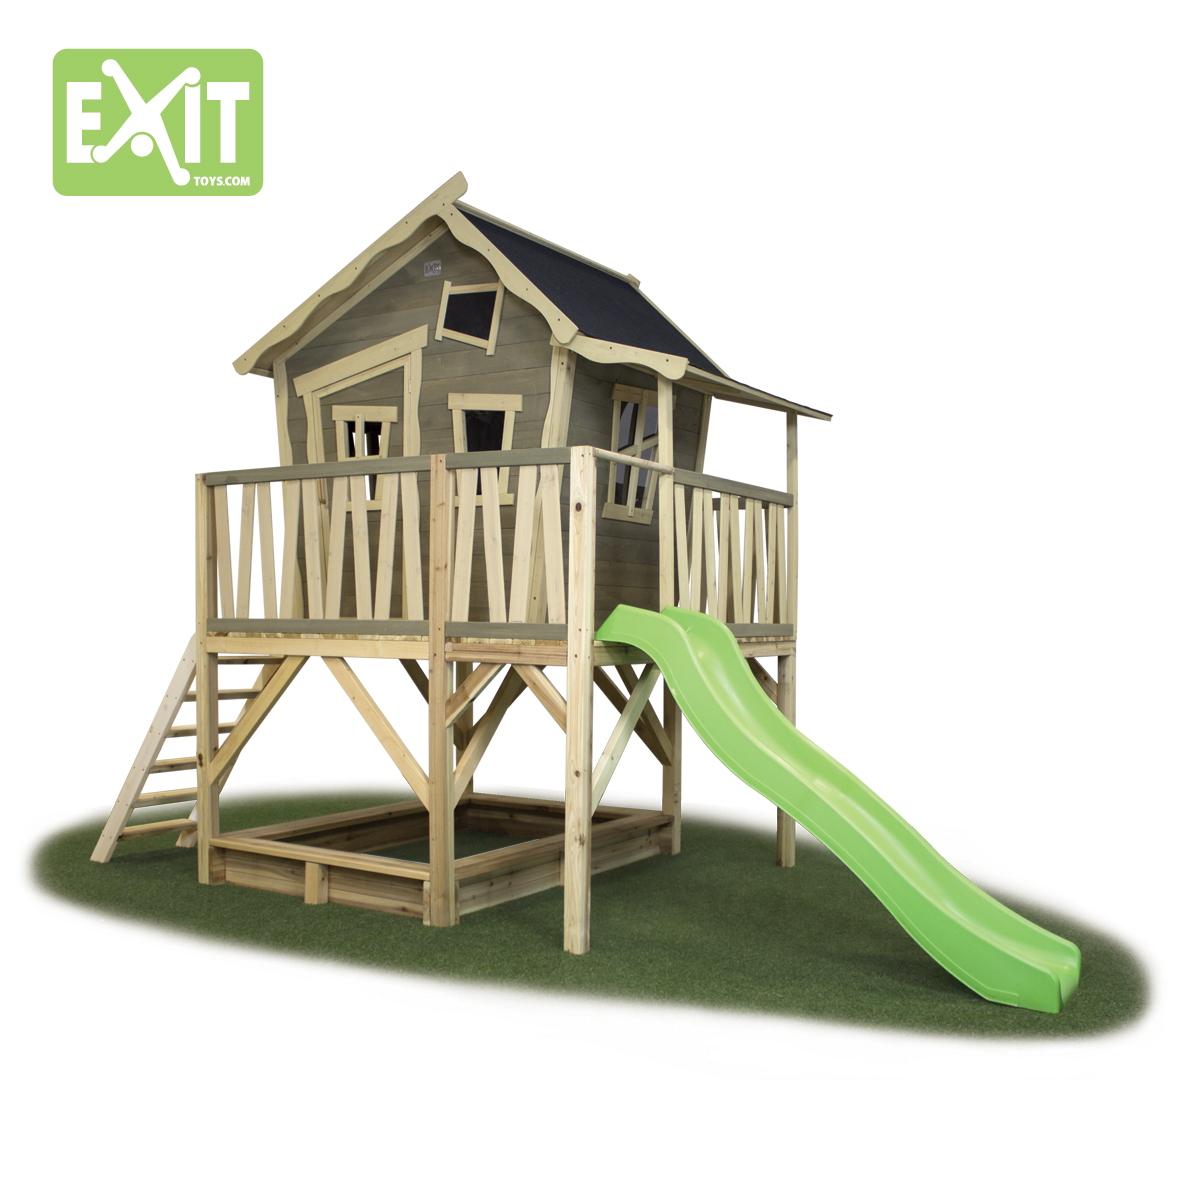 sandkasten exit aksent xl sandkiste aus holz mit abdeckung. Black Bedroom Furniture Sets. Home Design Ideas